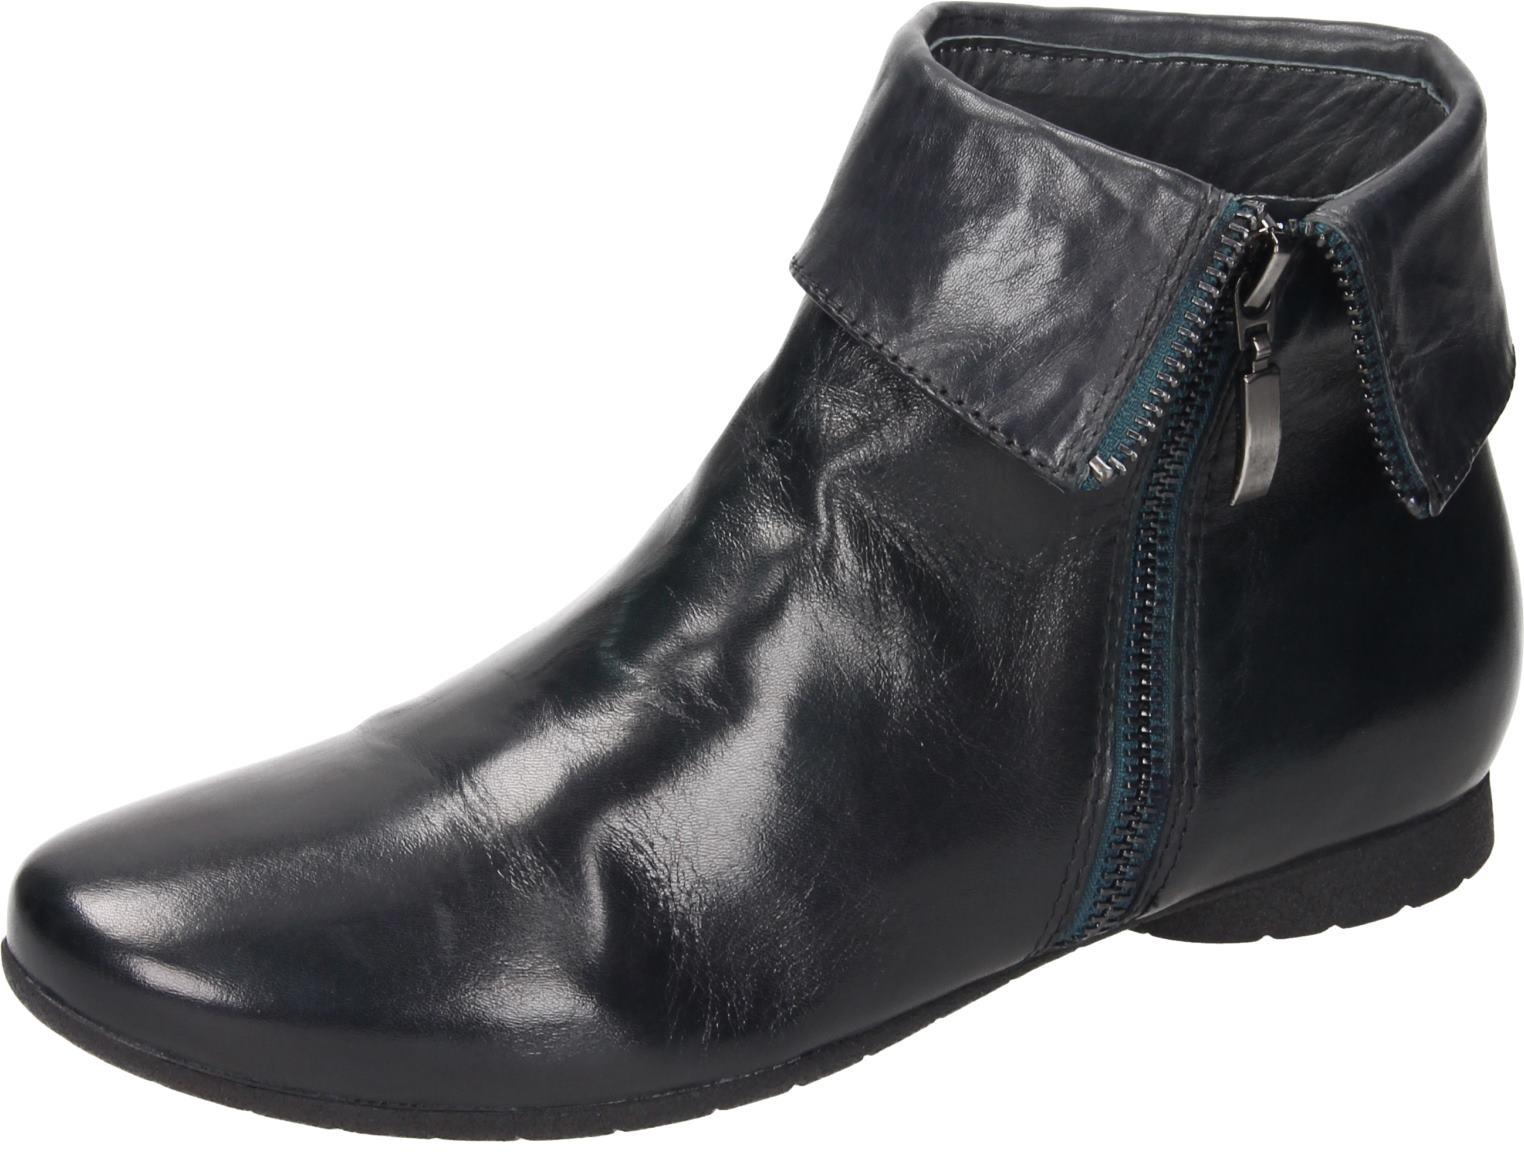 Piazza Damen Schuhe Damen-Stiefelette petrol 991196